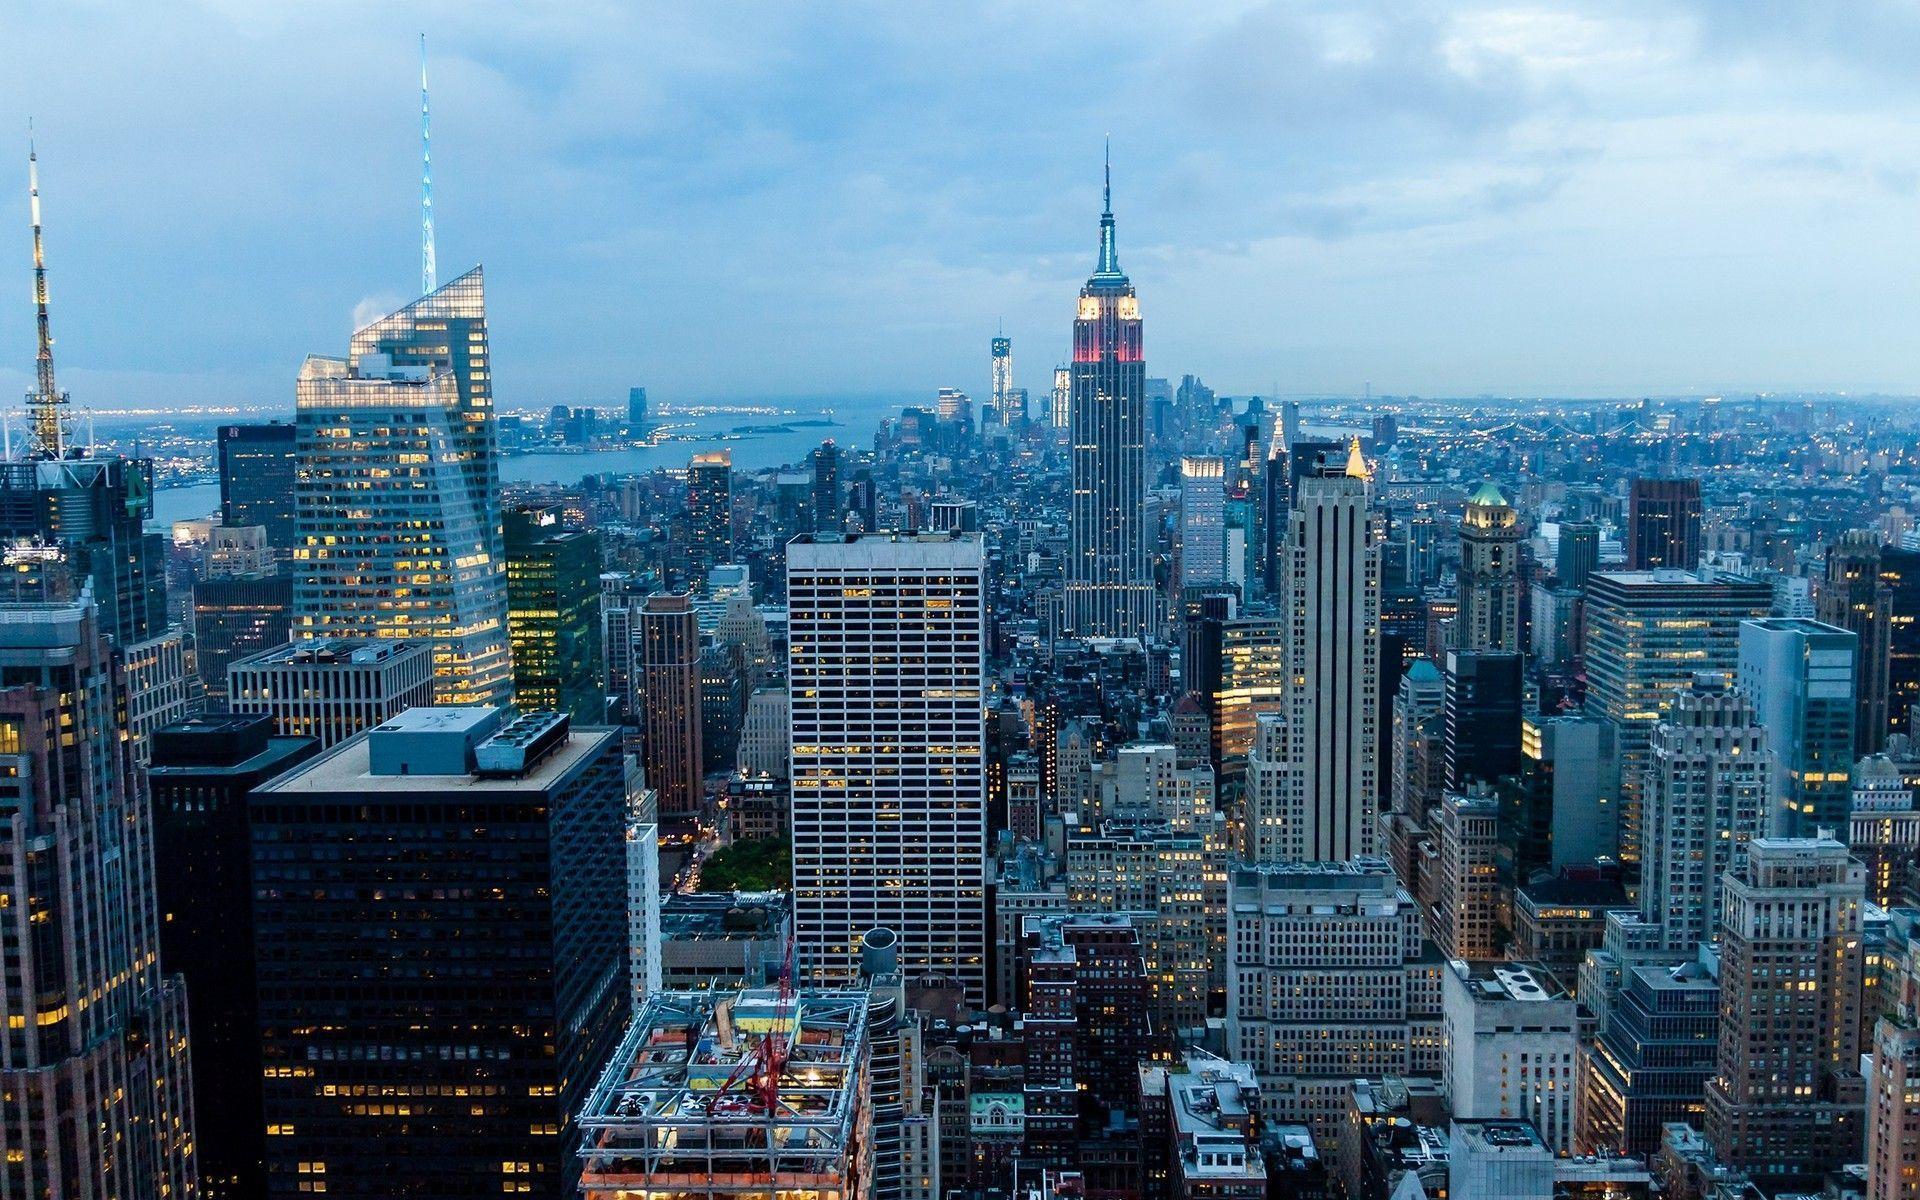 Manhattan Desktop Wallpapers 1127 795 Manhattan Wallpaper 33